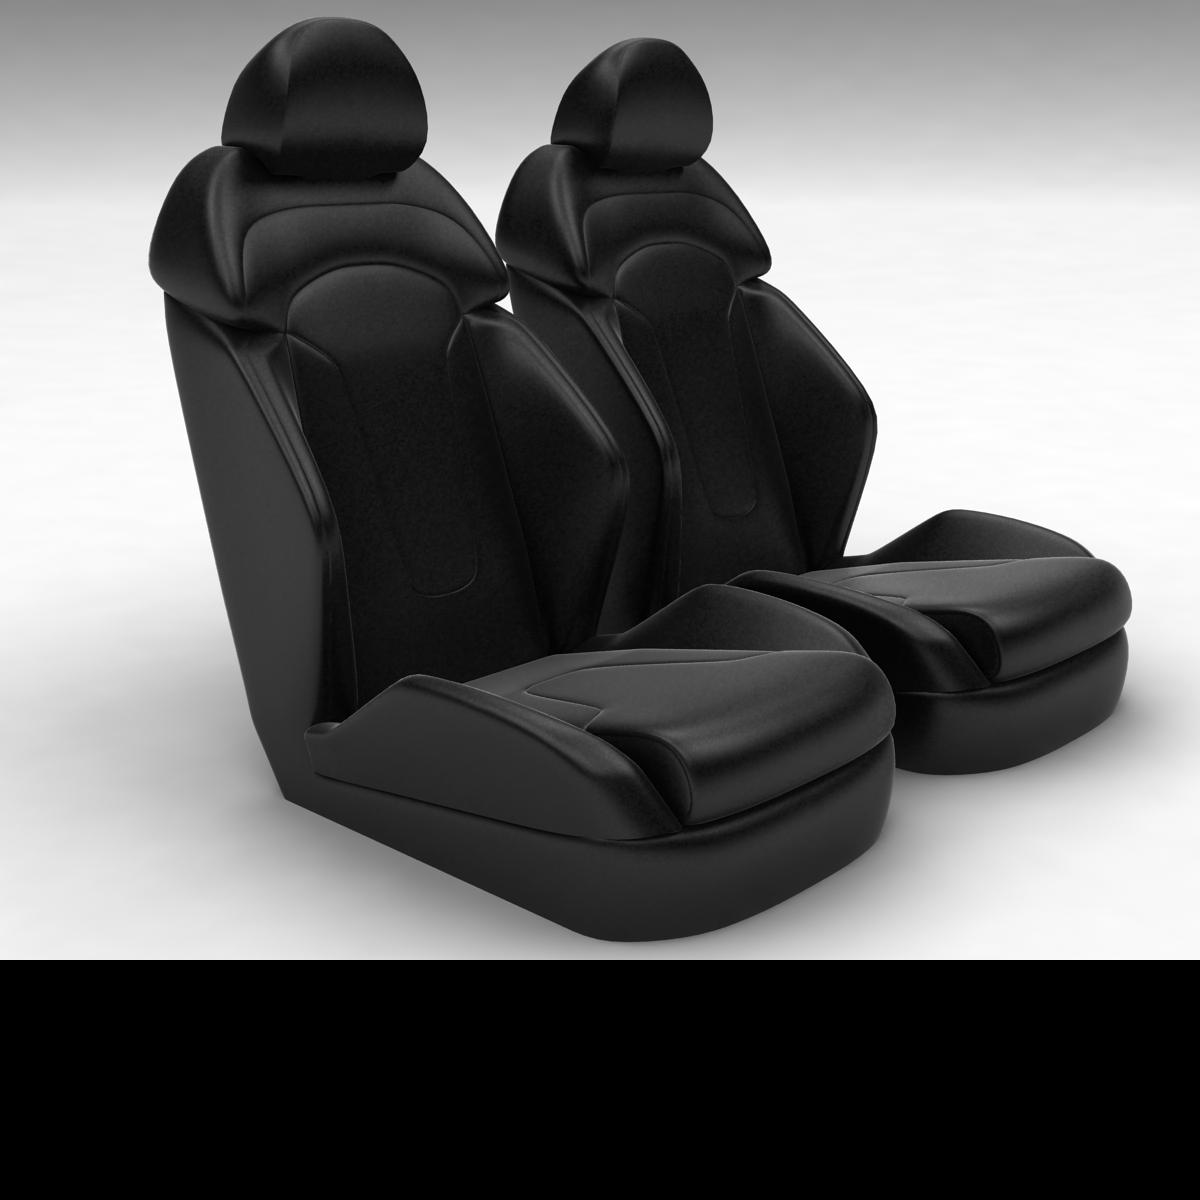 TDR Cyber Workbench-luxury-sport-carseats-jpg